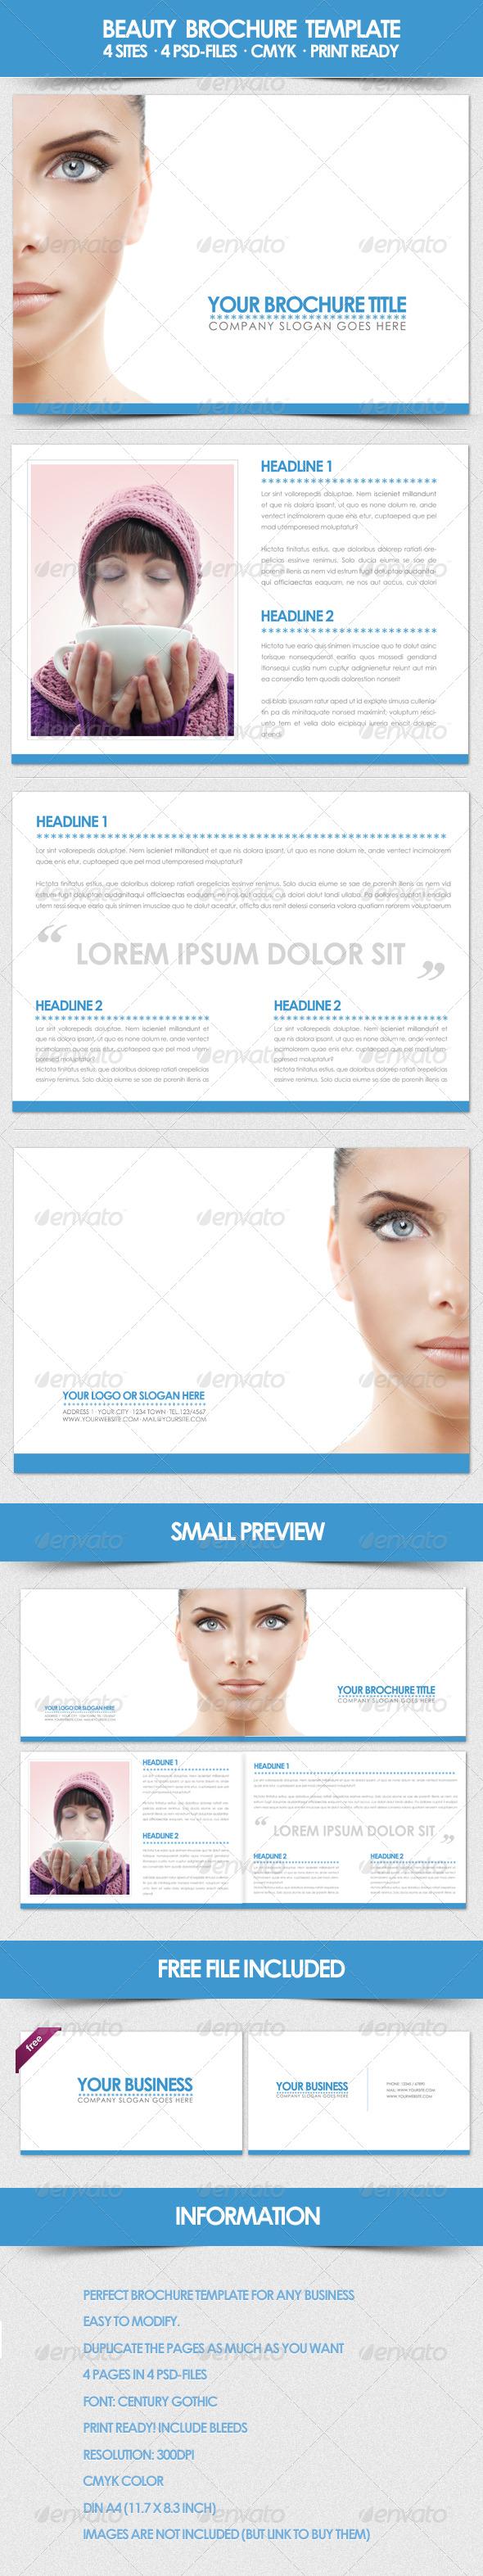 Beauty Brochure Template - Corporate Brochures